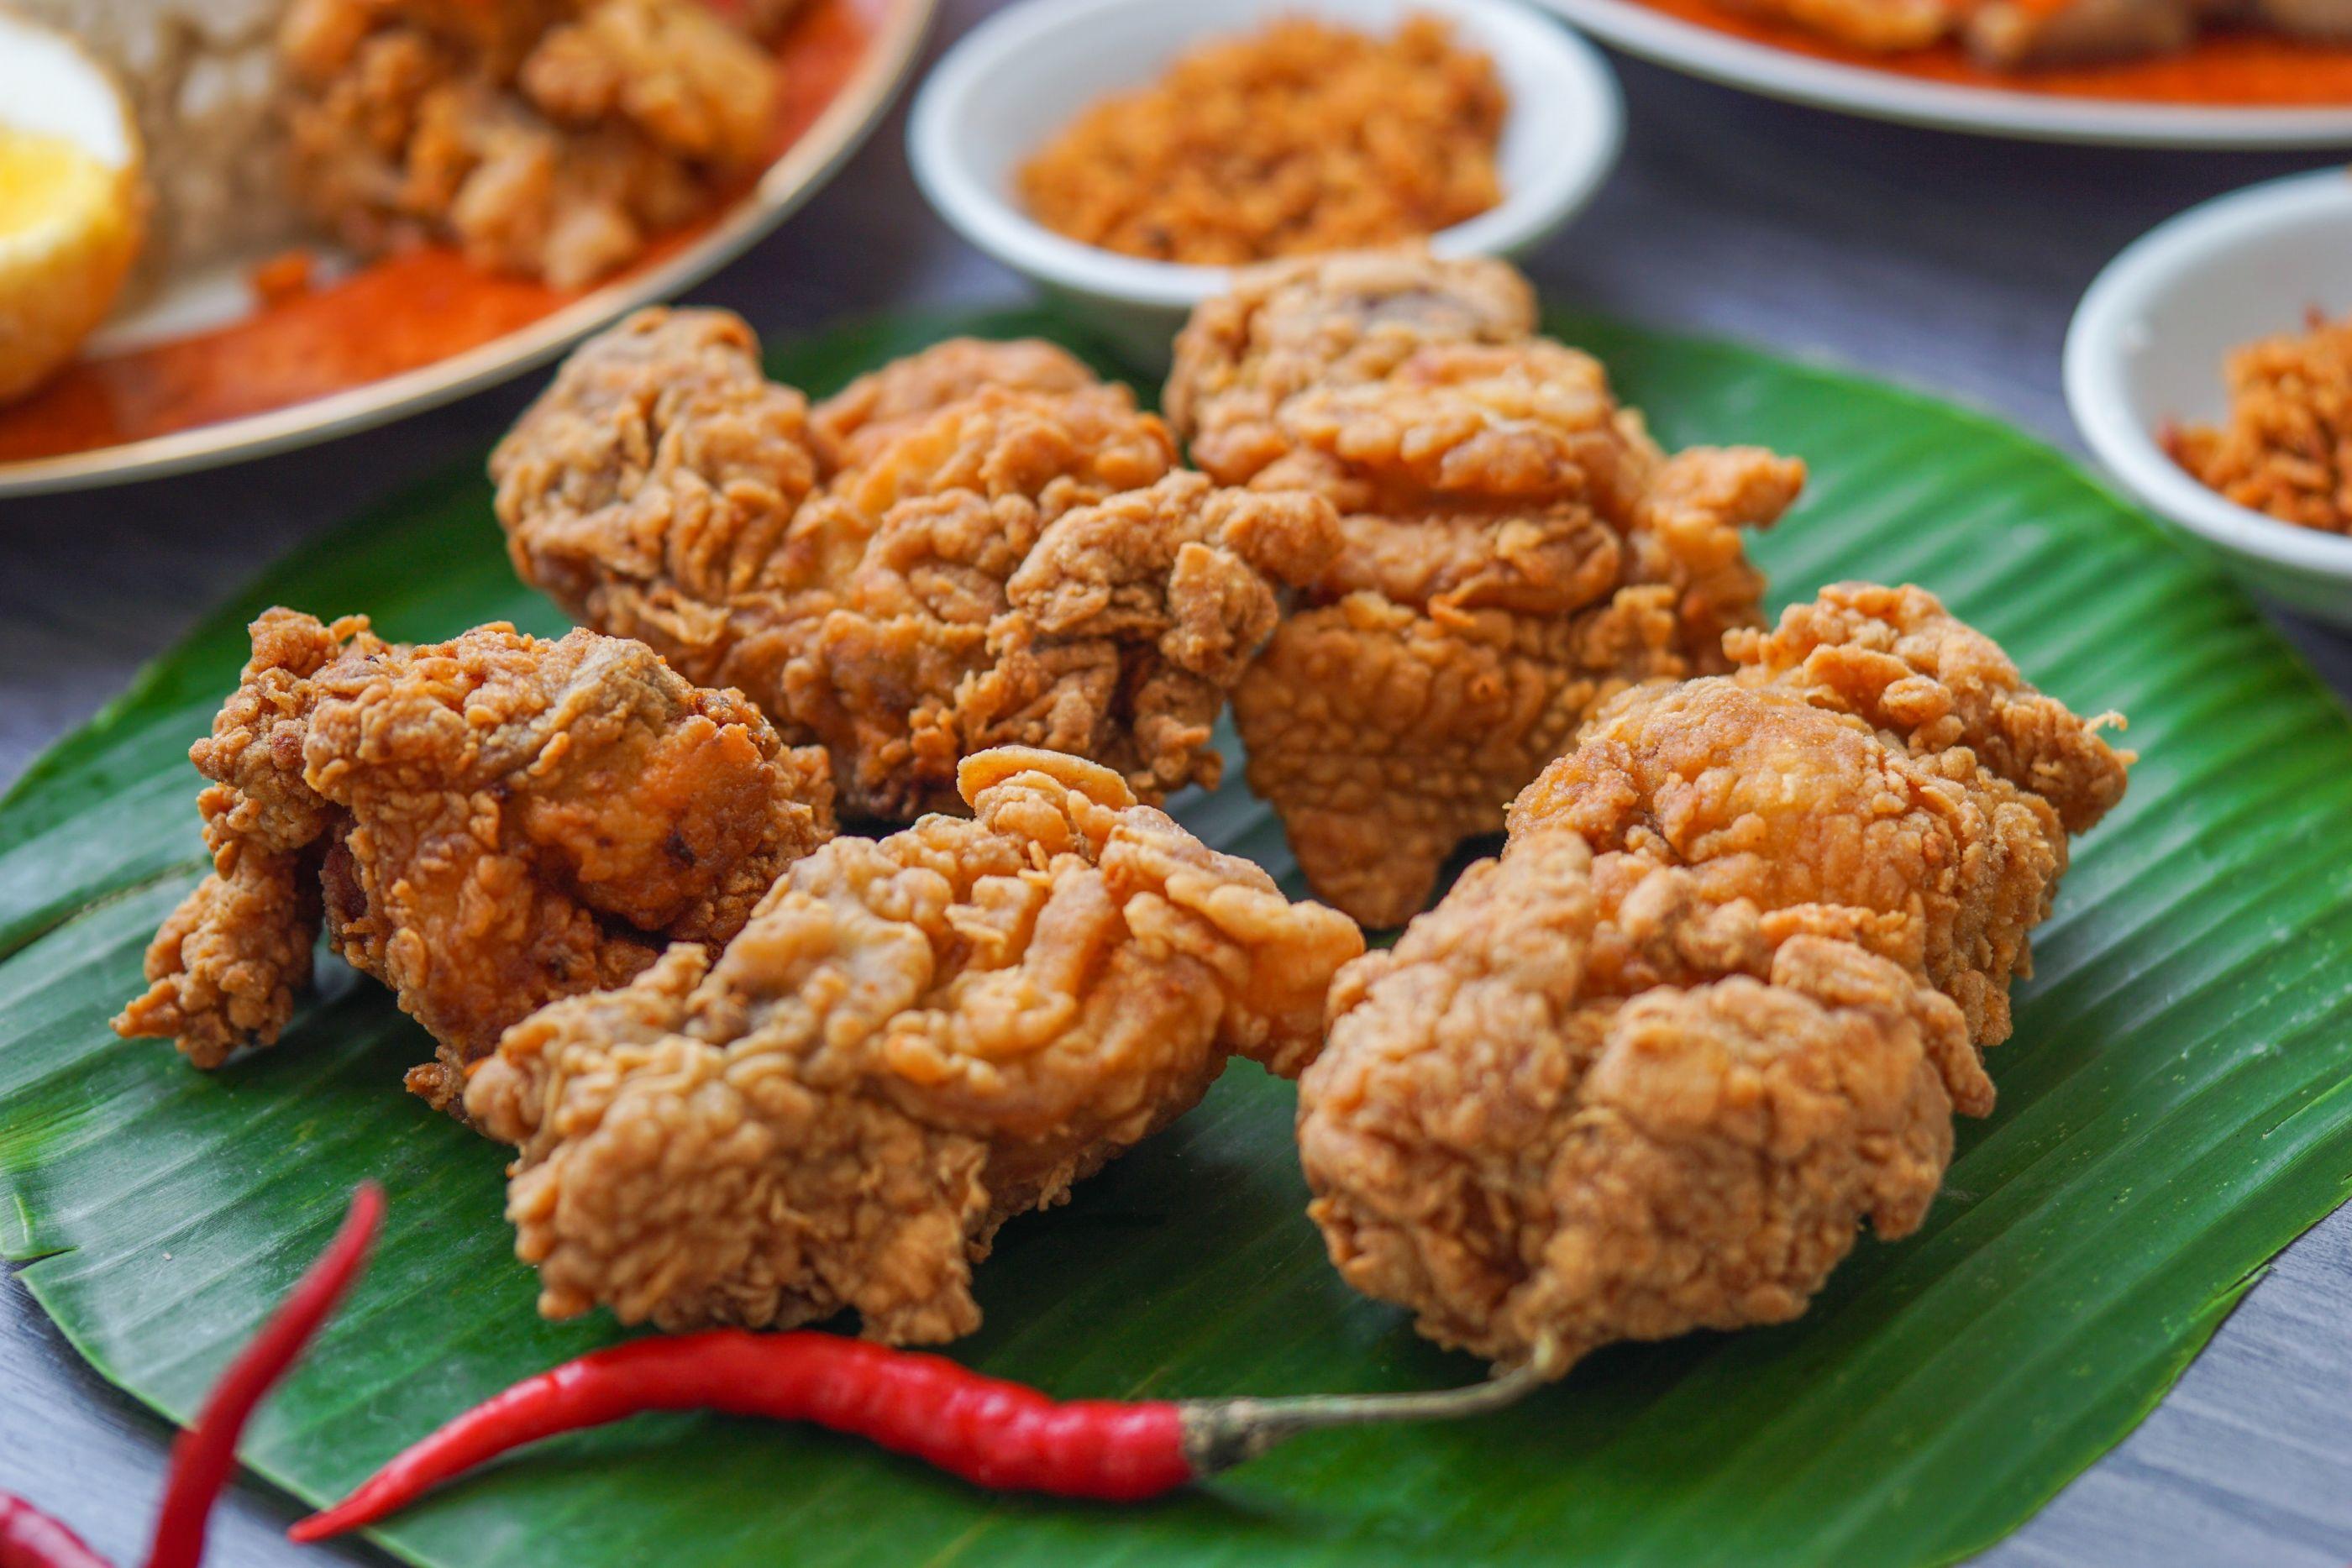 5 locales para comer el pollo frito más crujiente y rico de la CDMX